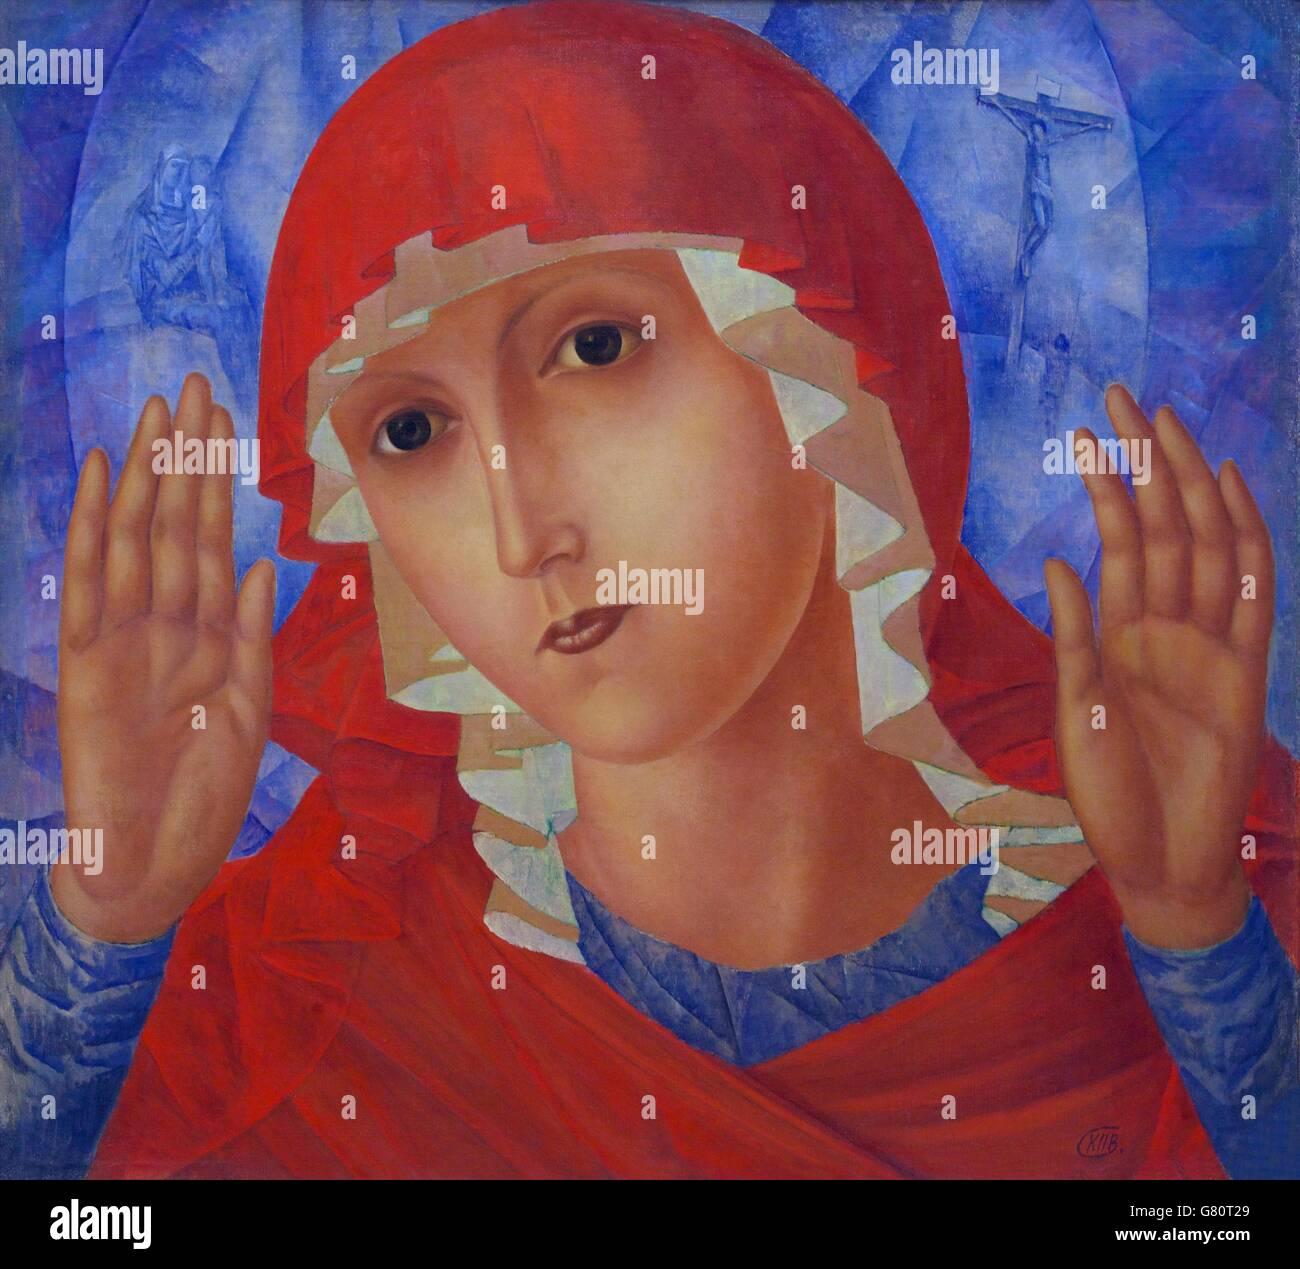 Mutter Gottes der Zärtlichkeit gegenüber dem bösen Herzen, durch kuzma Petrov - vodkin, 1914-1915, Stockbild